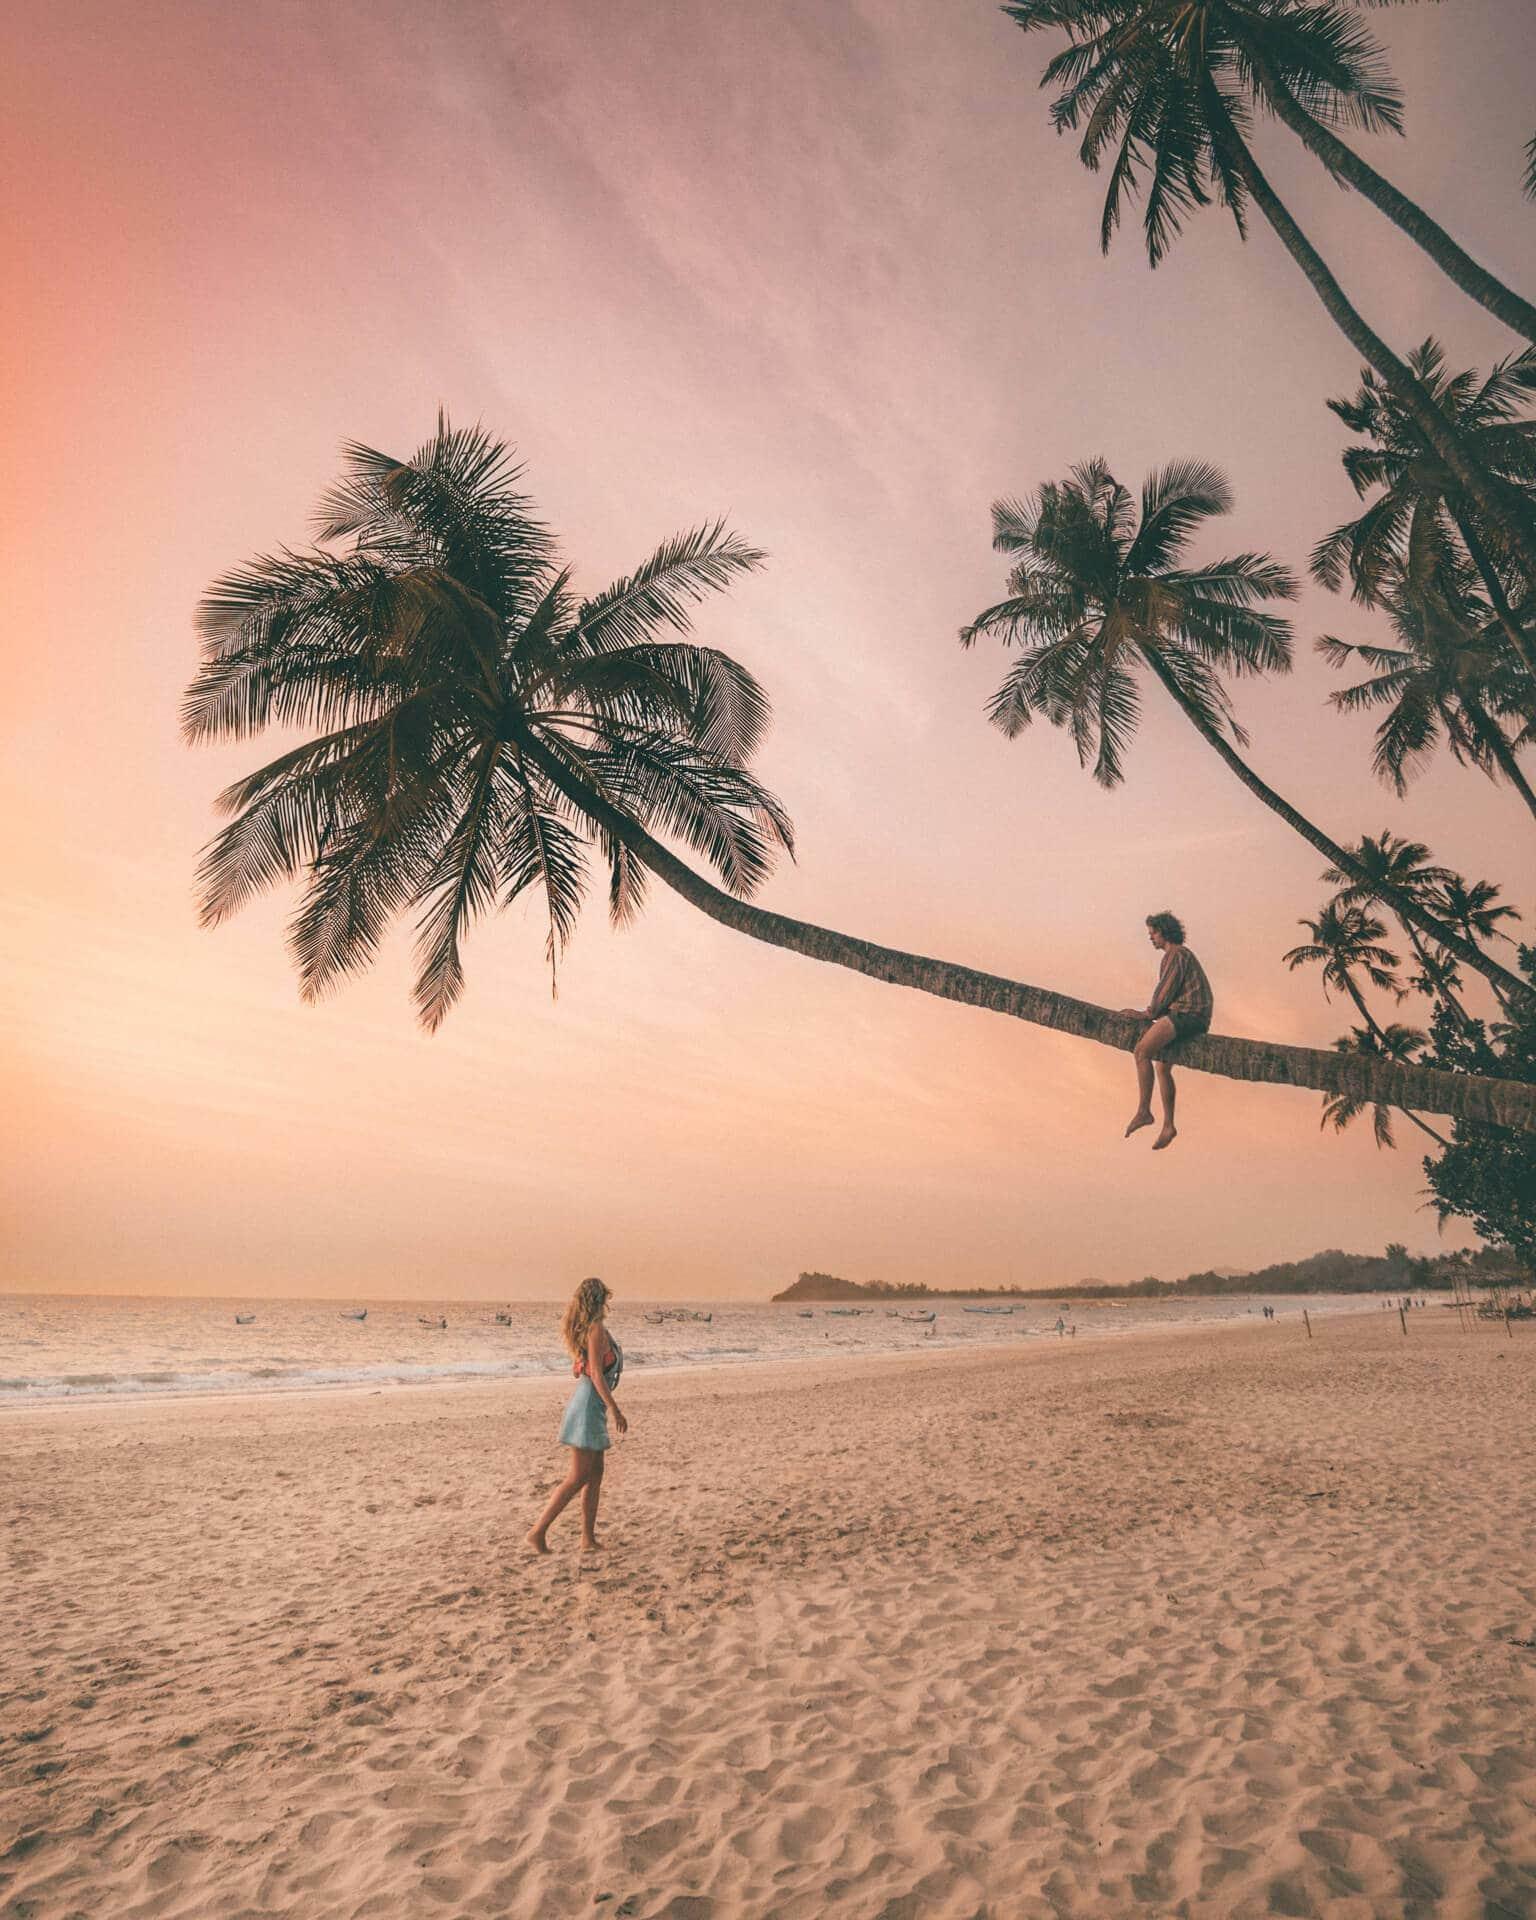 ngapali most beautiful beach sunset palm